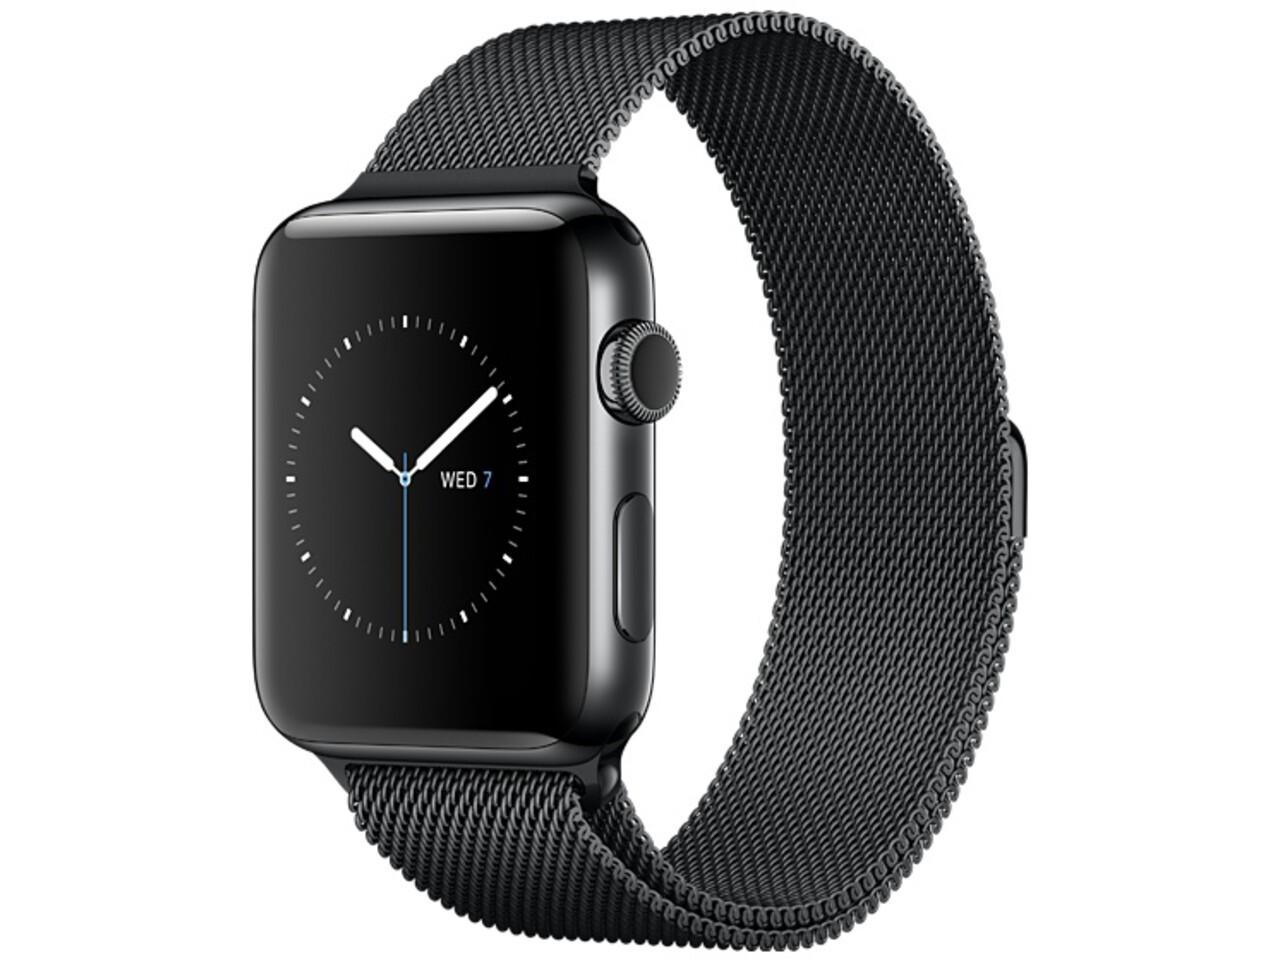 apple watch series 2 38mm space black stainless steel space black milanese loop